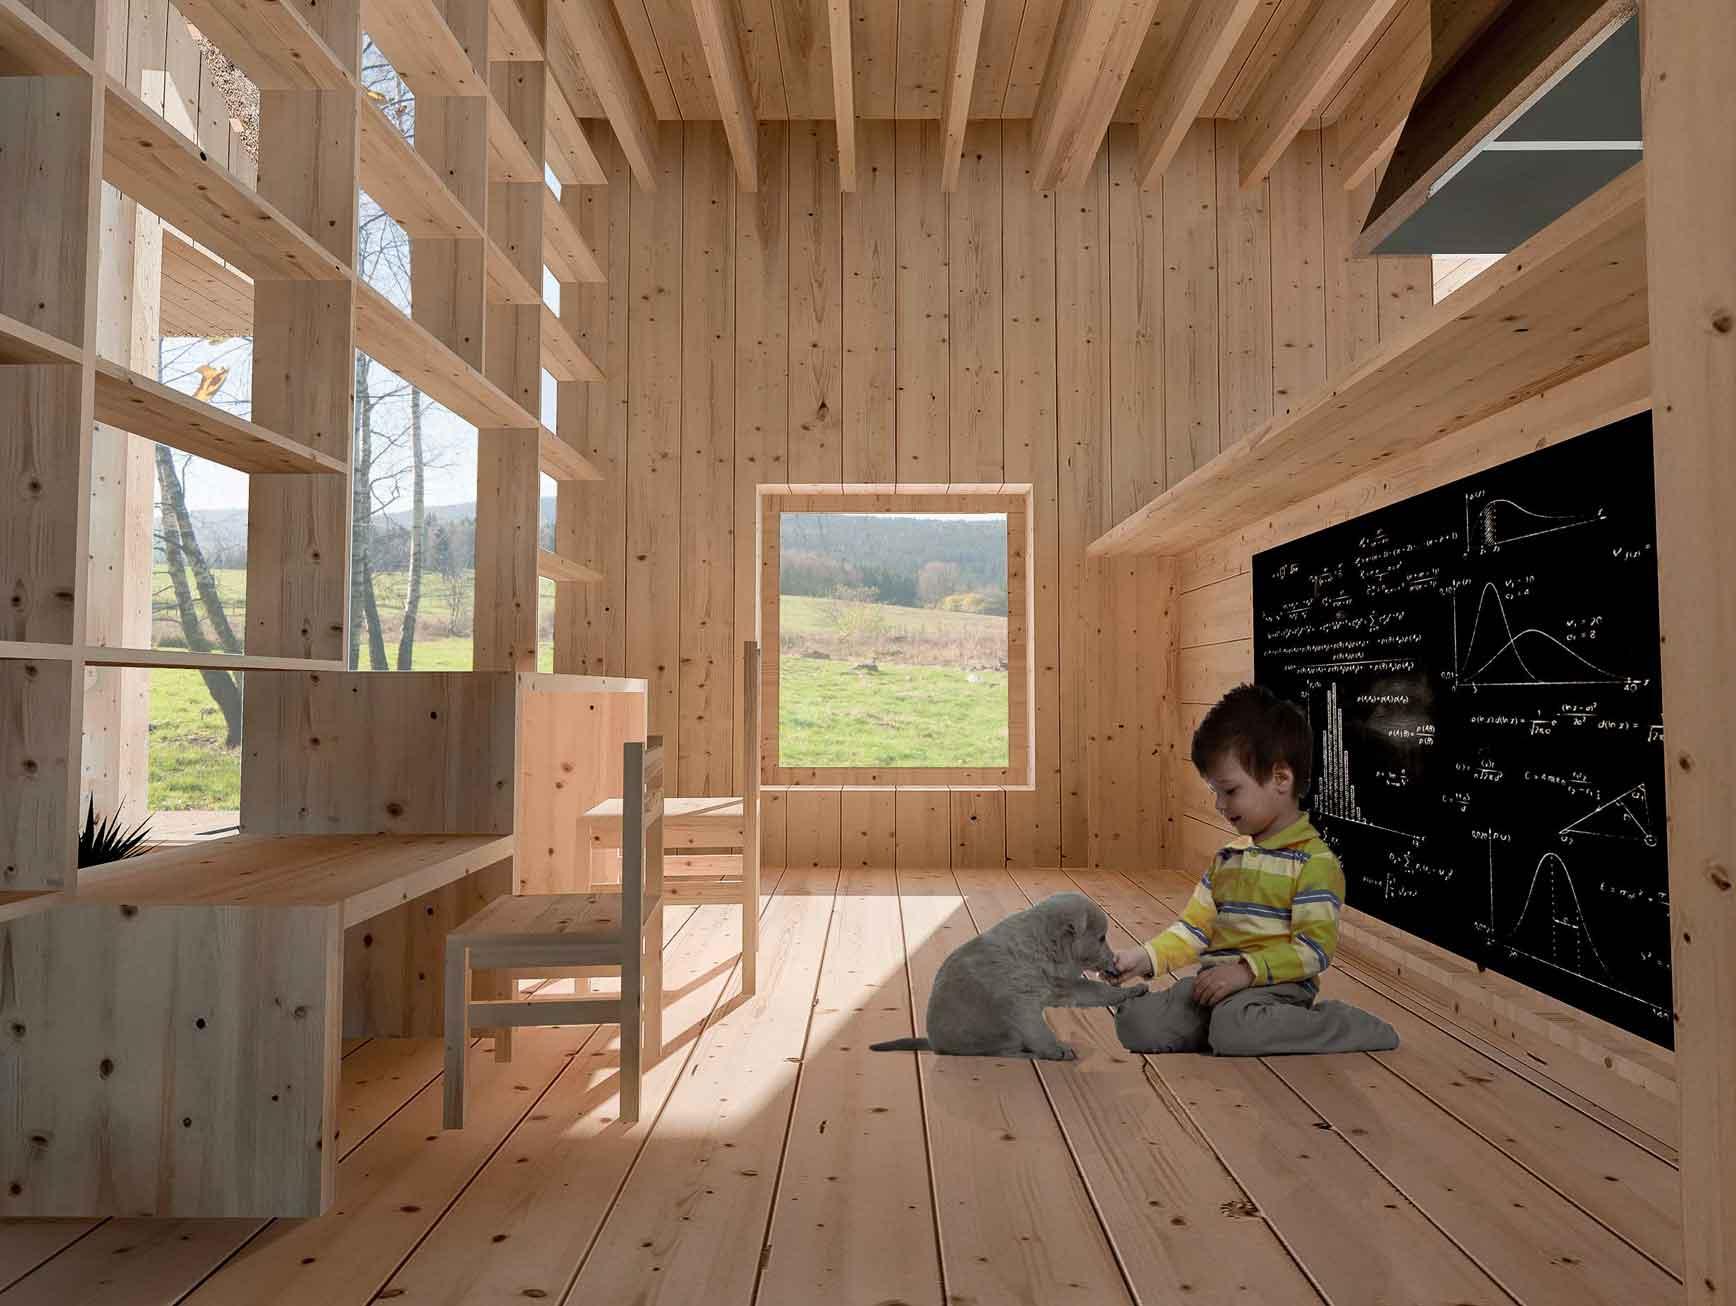 Dům pro jedny architekty - vizualizace interiéru. Autor: Kurz architekti